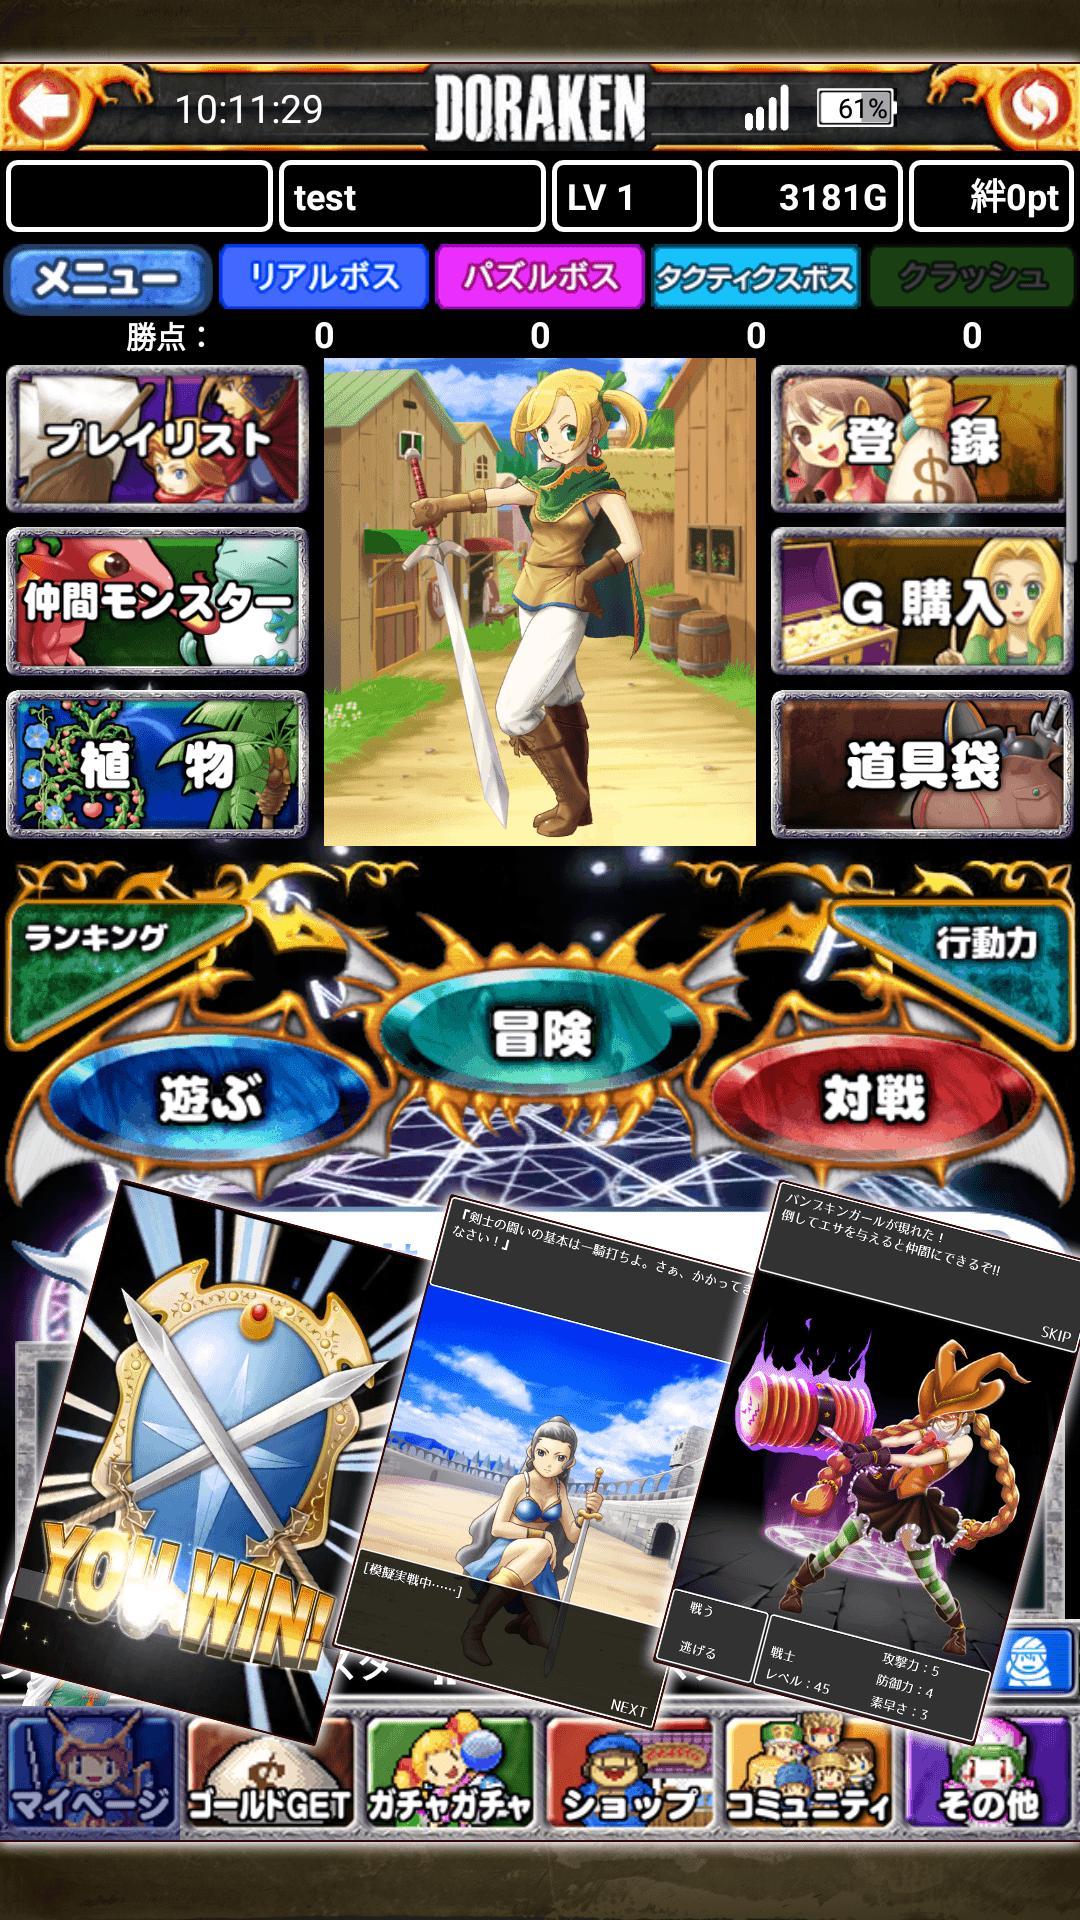 お小遣い×RPG☆RPGゲームでお小遣い稼ぎ!ポイント稼げるアプリ【Card RPG】 5.7.6 Screenshot 20